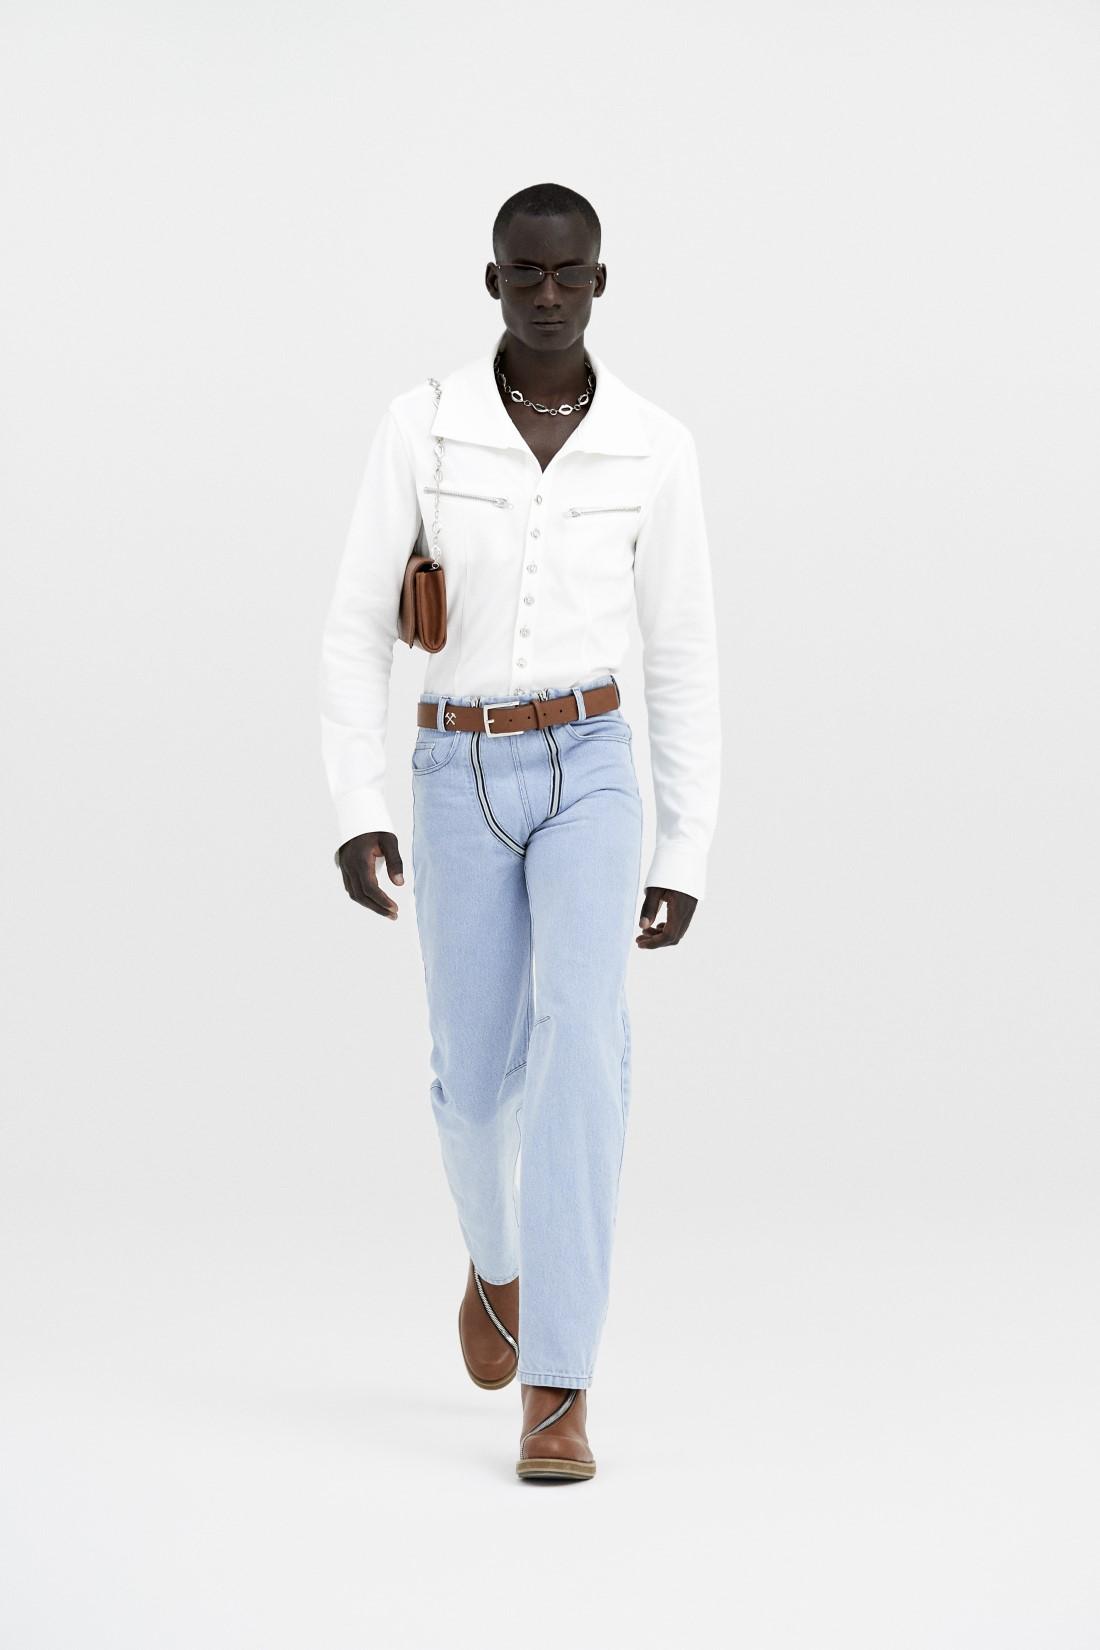 GmbH - Printemps-Été 2022 - Paris Fashion Week